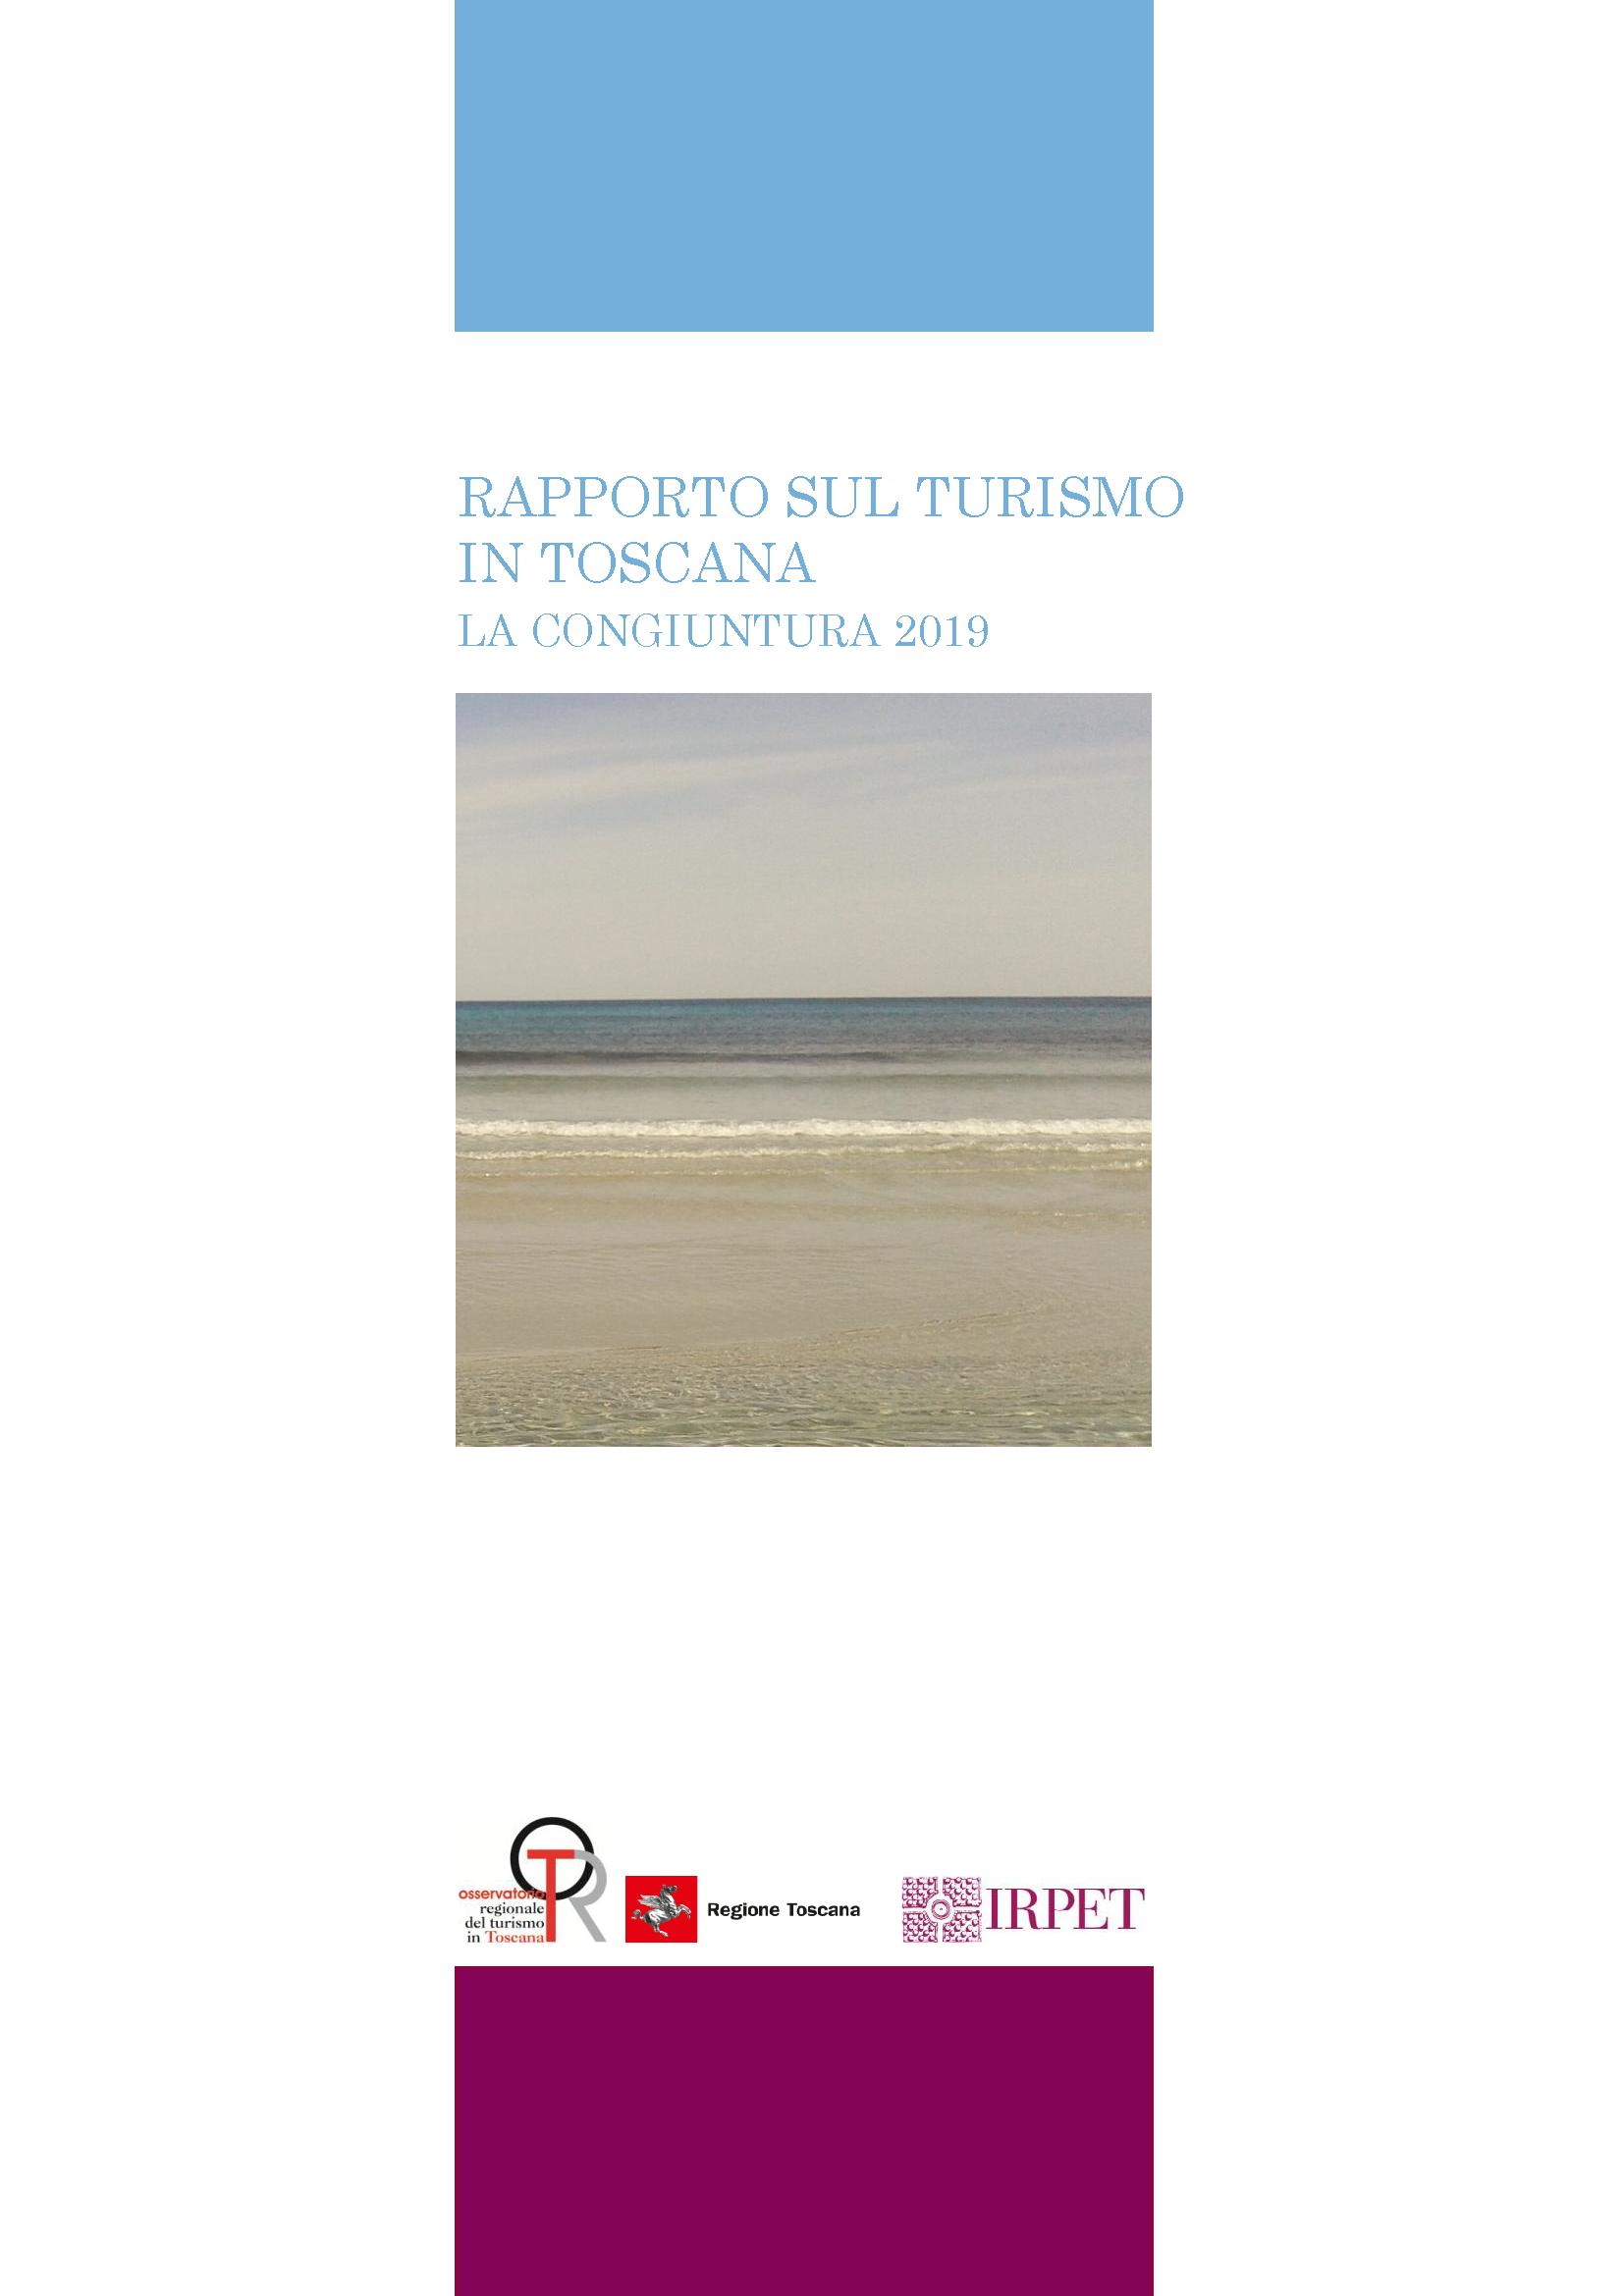 cover Rapporto turismo Toscana_congiuntura 2019